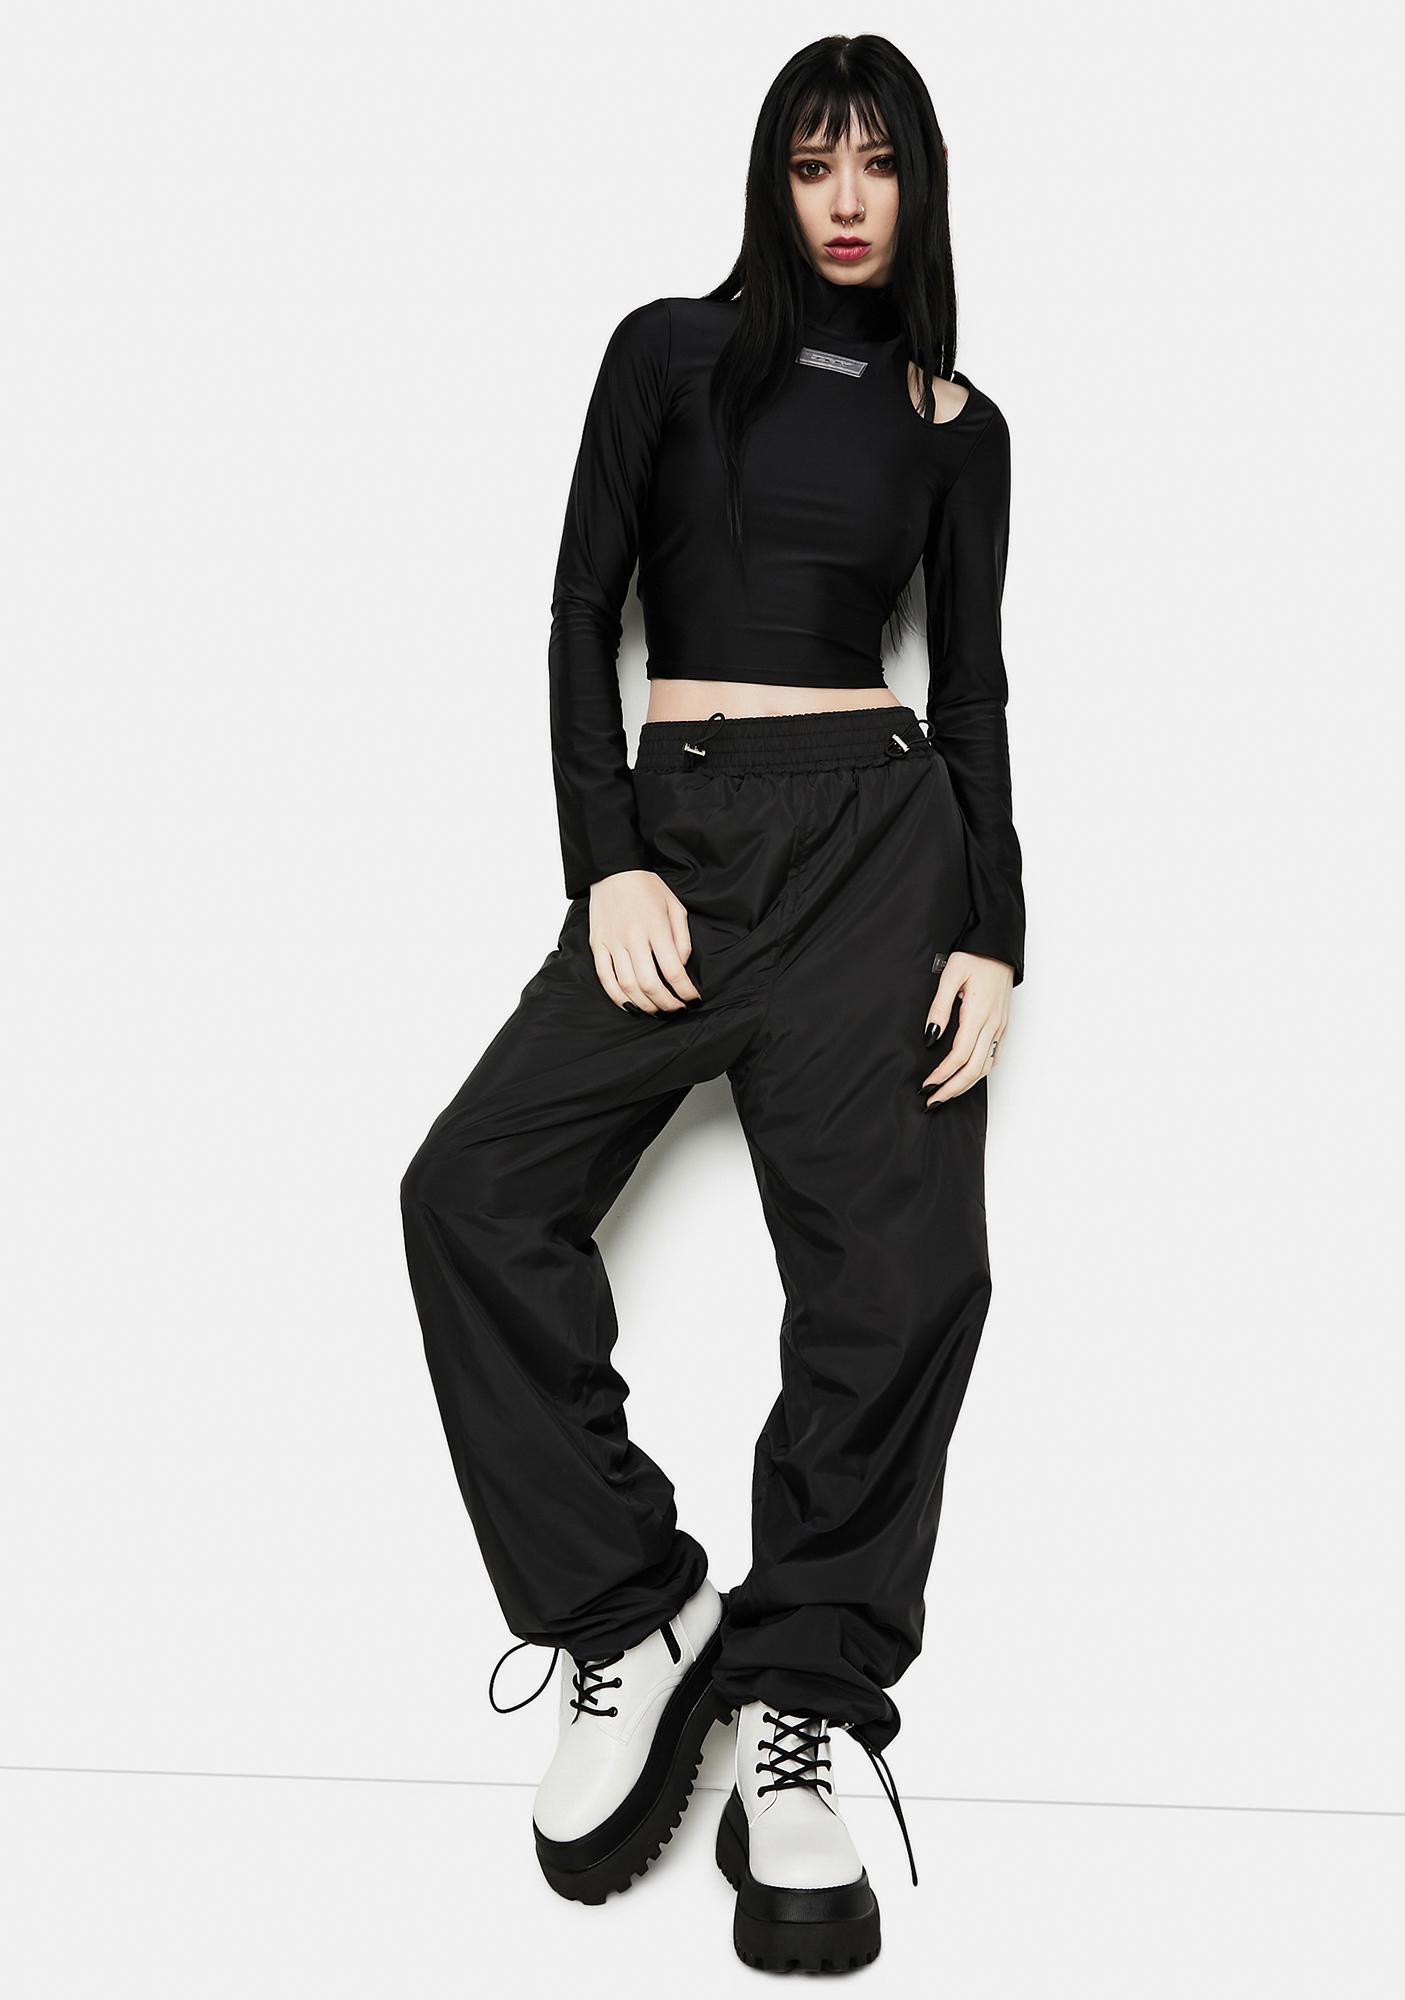 ZNY Strap Body Long Sleeve Top